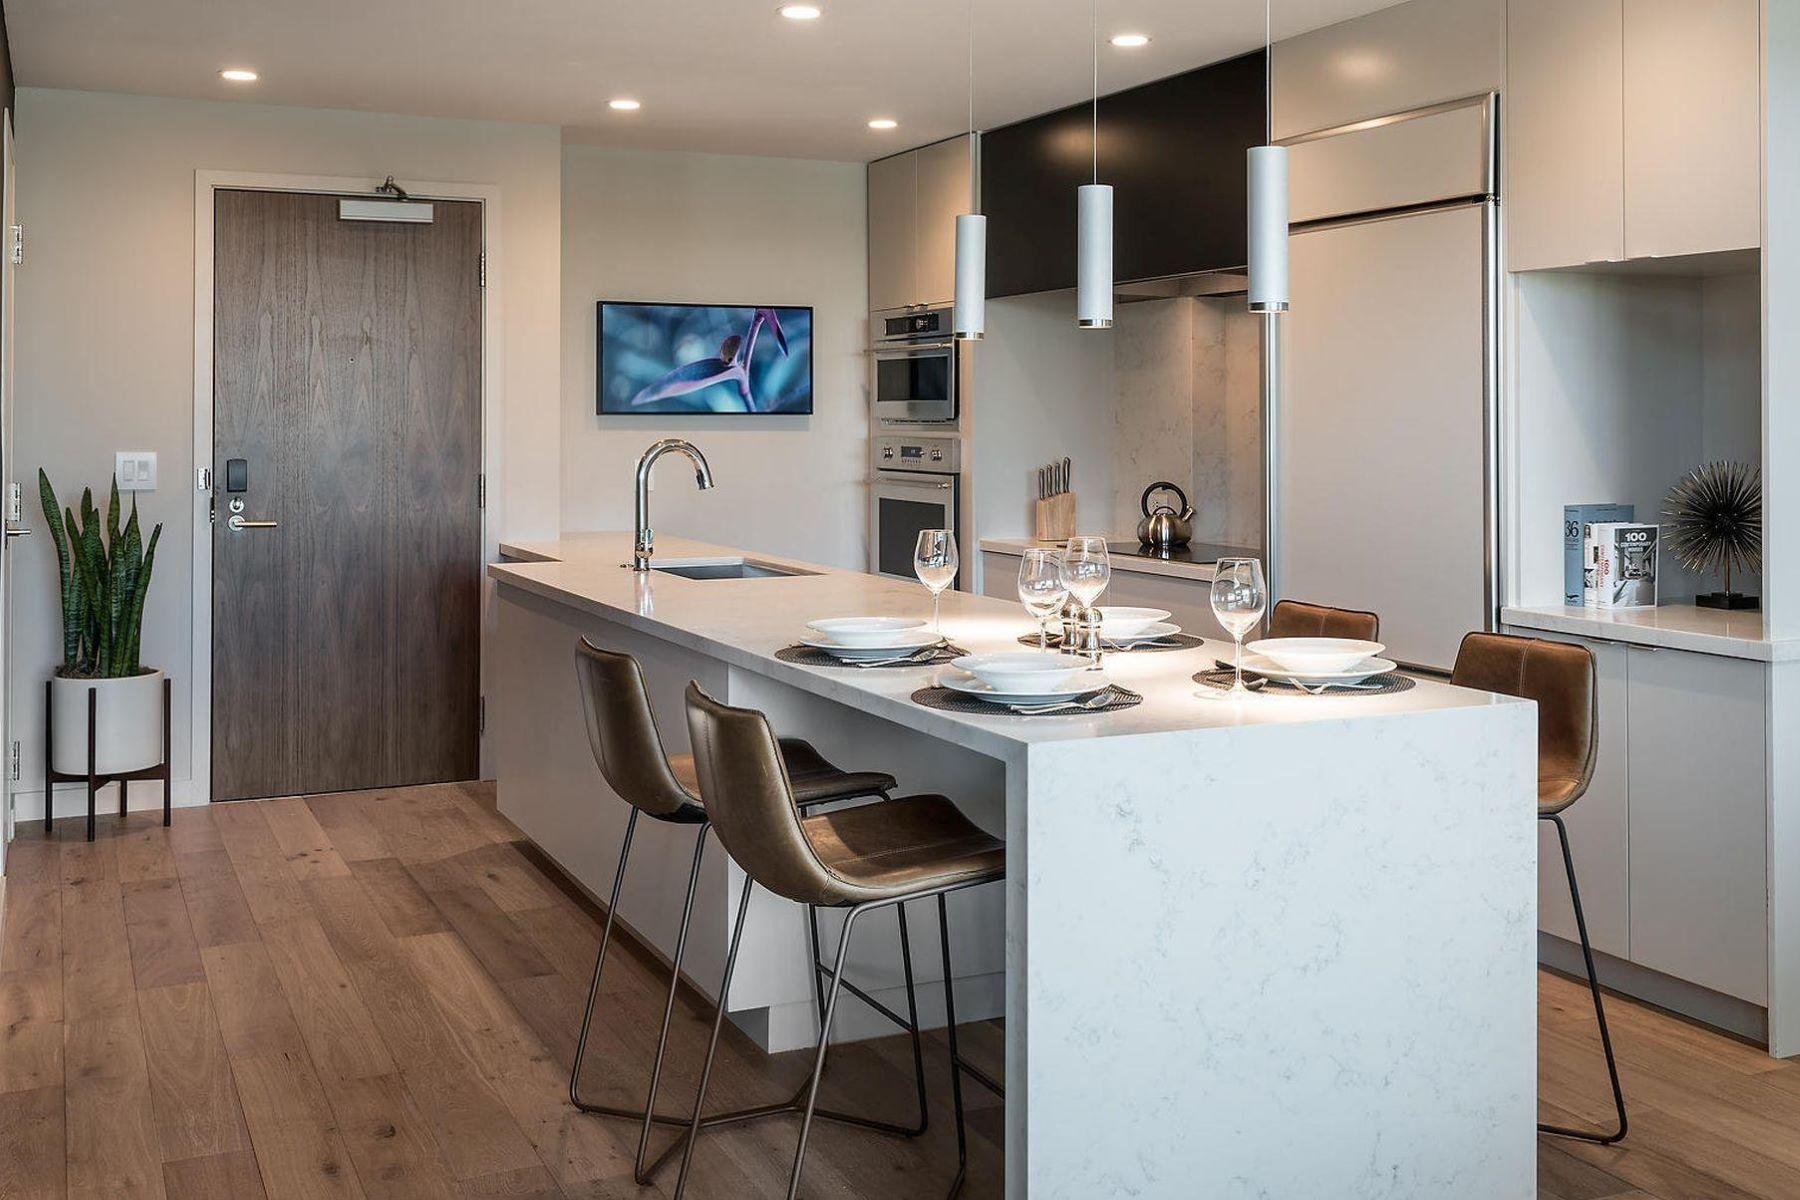 Apartamento para Venda às Mountain Shadows Resort 5455 E Lincoln Dr #3007, Paradise Valley, Arizona, 85253 Estados Unidos